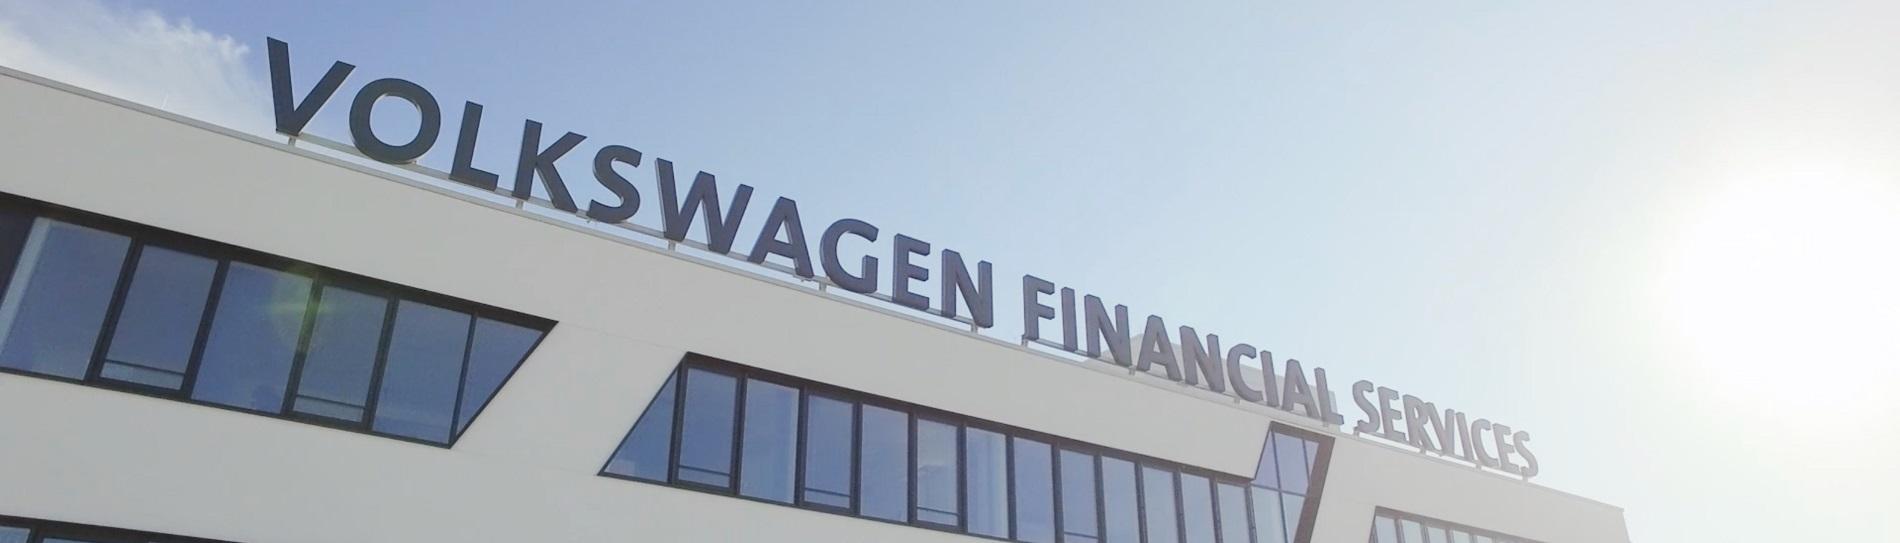 Financial-Services_Buehne_1900x543